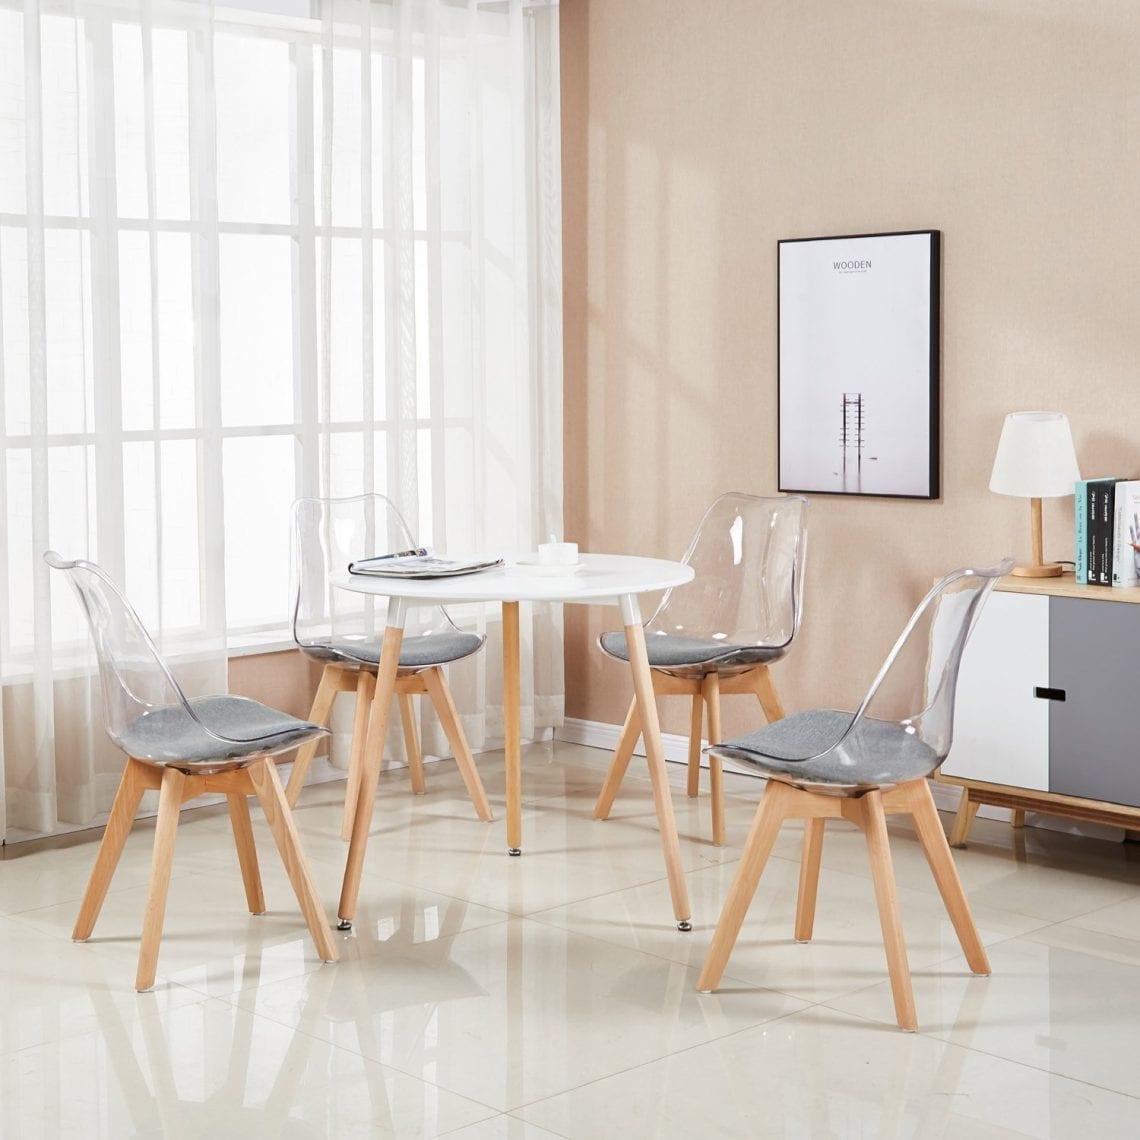 Comment Nettoyer Des Chaises En Plastique Blanc la meilleure chaise transparente, comparatif et avis - zone led